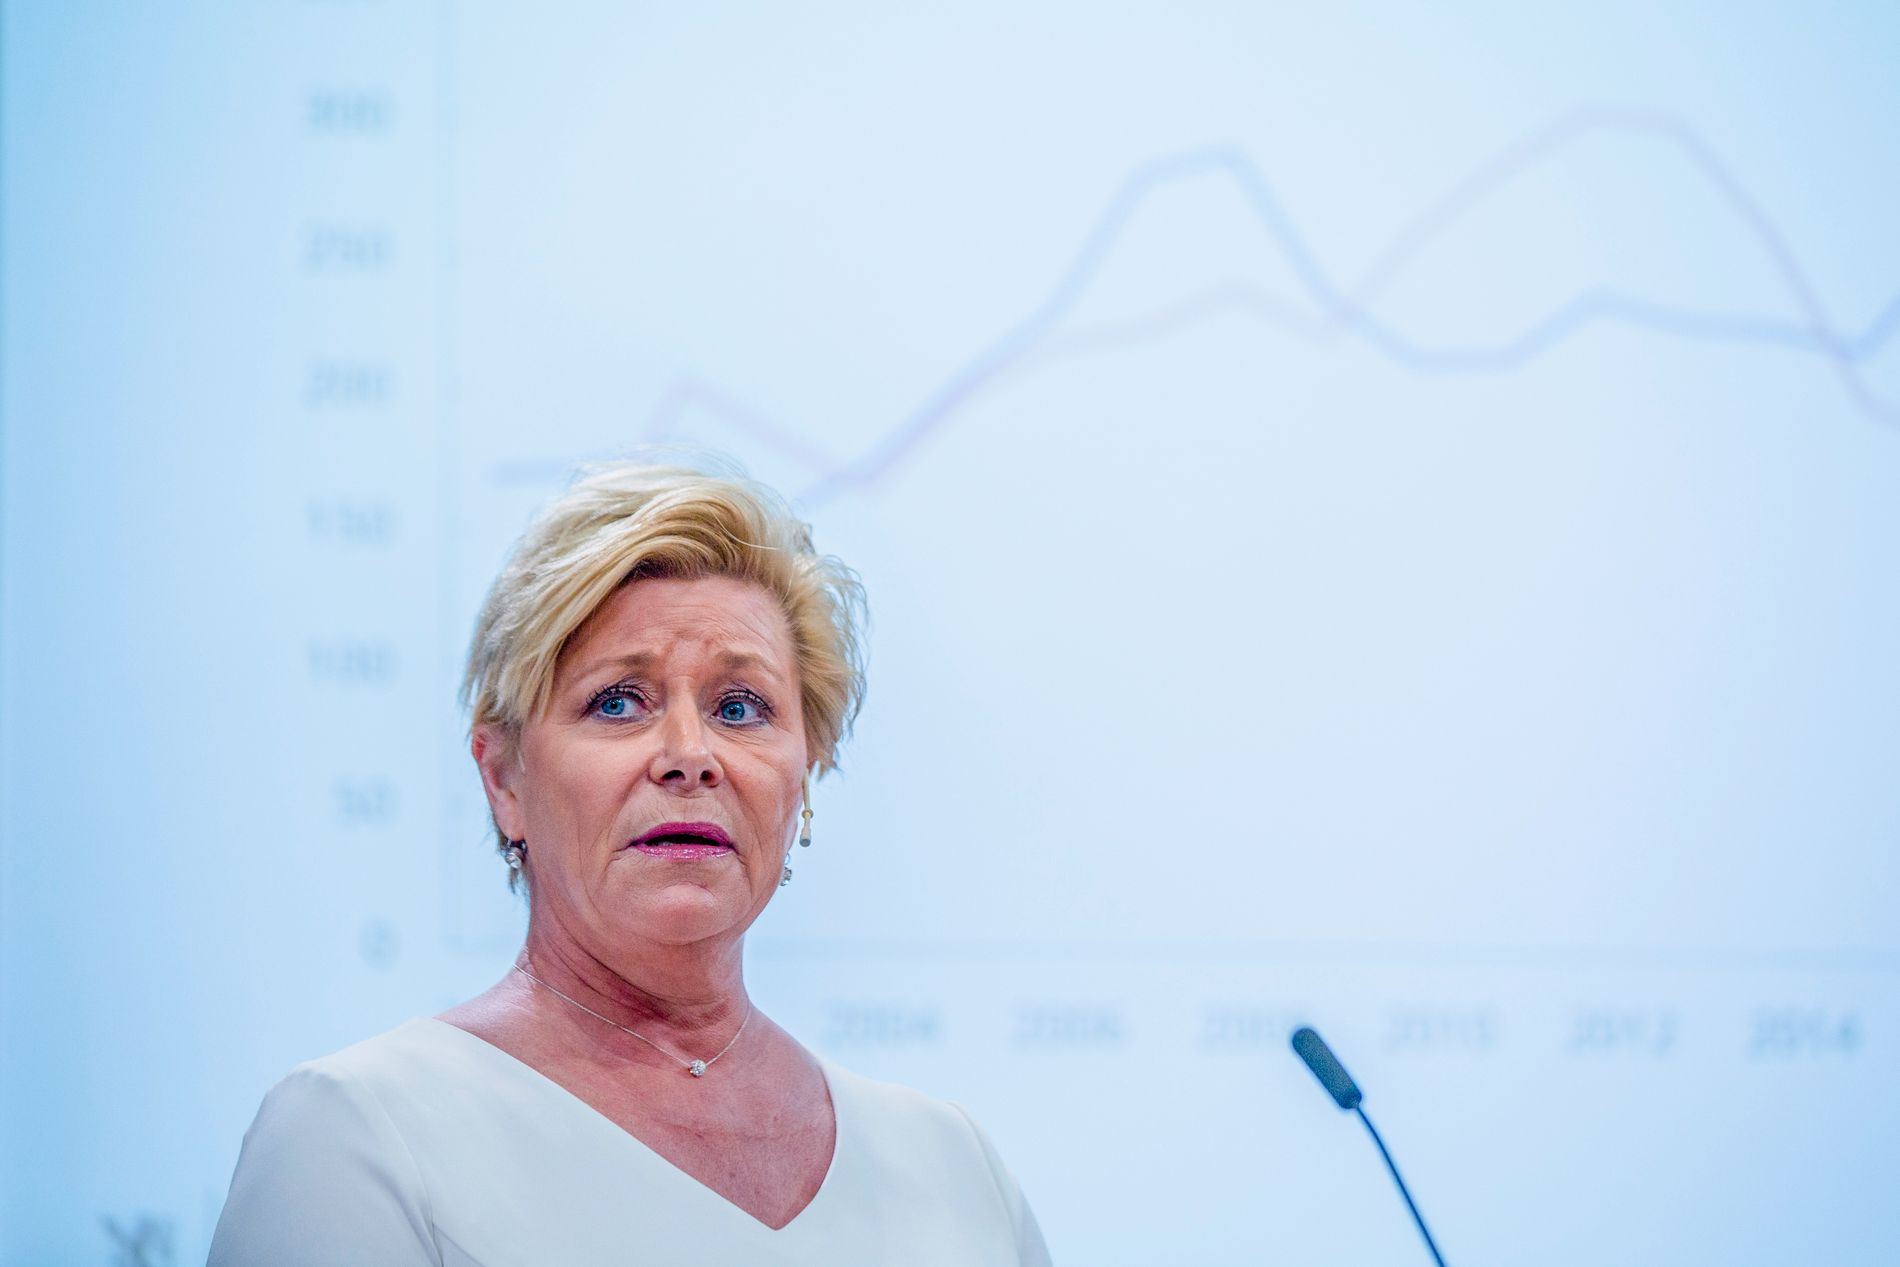 MER PENGER: Pengebruken er ikke et resultat av den økonomiske, men den politiske situasjonen, mener Bergens Tidende.